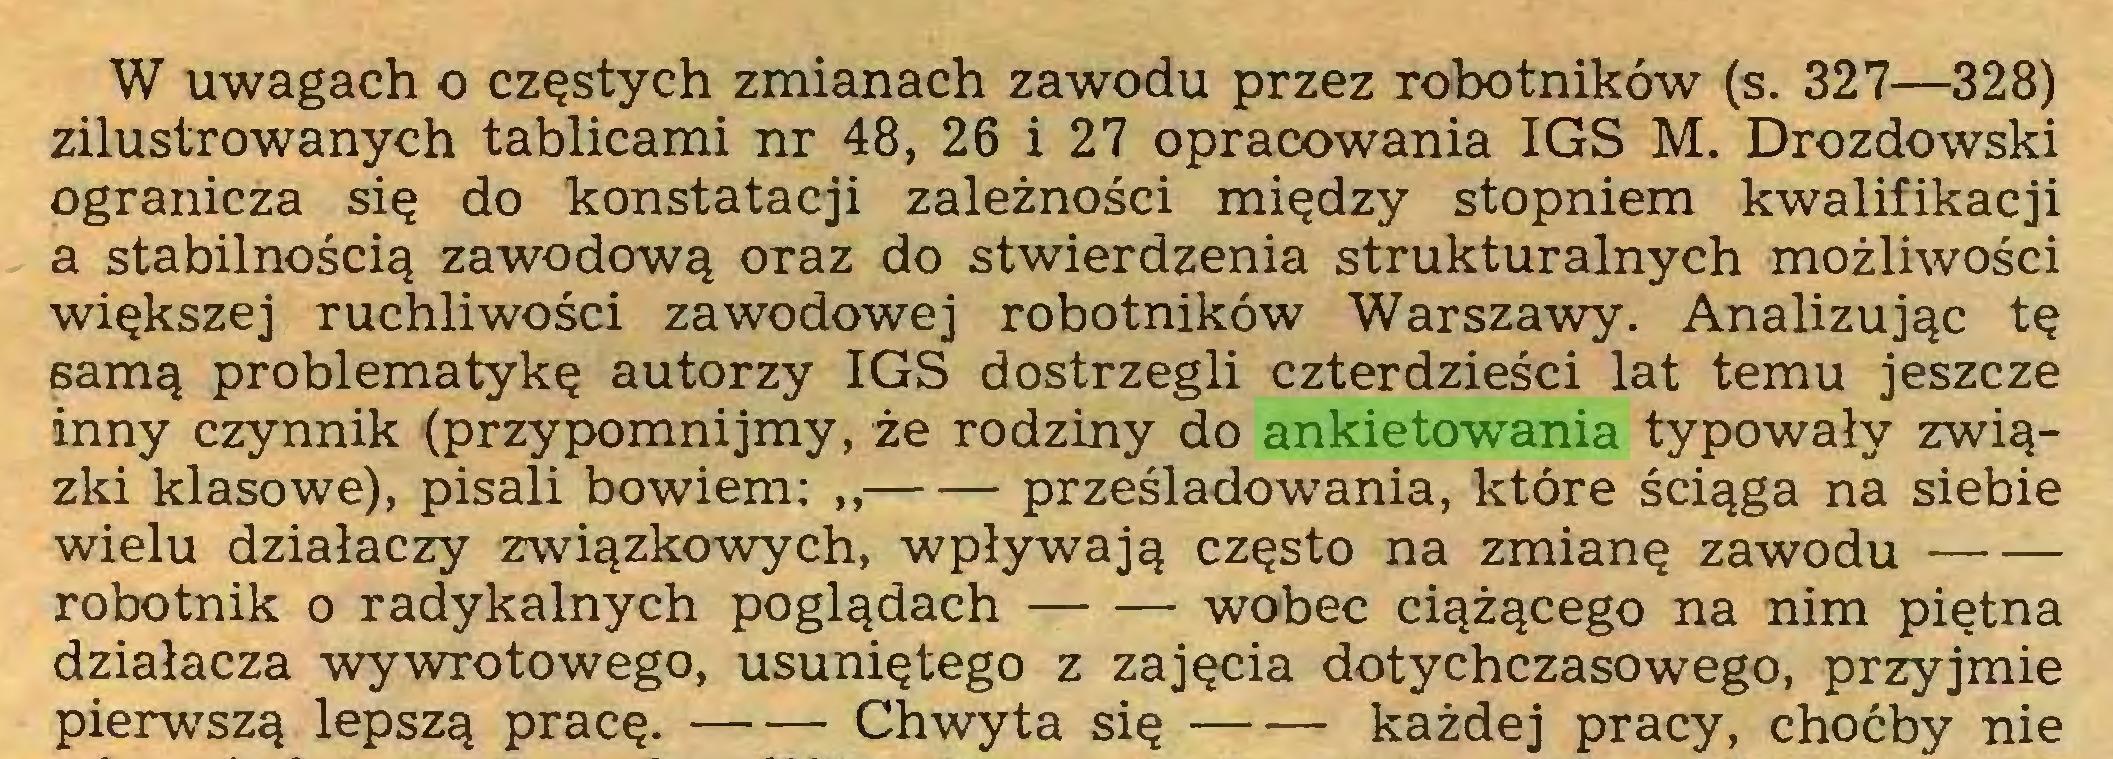 (...) W uwagach o częstych zmianach zawodu przez robotników (s. 327—328) zilustrowanych tablicami nr 48, 26 i 27 opracowania IGS M. Drozdowski ogranicza się do konstatacji zależności między stopniem kwalifikacji a stabilnością zawodową oraz do stwierdzenia strukturalnych możliwości większej ruchliwości zawodowej robotników Warszawy. Analizując tę samą problematykę autorzy IGS dostrzegli czterdzieści lat temu jeszcze inny czynnik (przypomnijmy, że rodziny do ankietowania typowały związki klasowe), pisali bowiem: ,, prześladowania, które ściąga na siebie wielu działaczy związkowych, wpływają często na zmianę zawodu robotnik o radykalnych poglądach wobec ciążącego na nim piętna działacza wywrotowego, usuniętego z zajęcia dotychczasowego, przyjmie pierwszą lepszą pracę. Chwyta się każdej pracy, choćby nie...